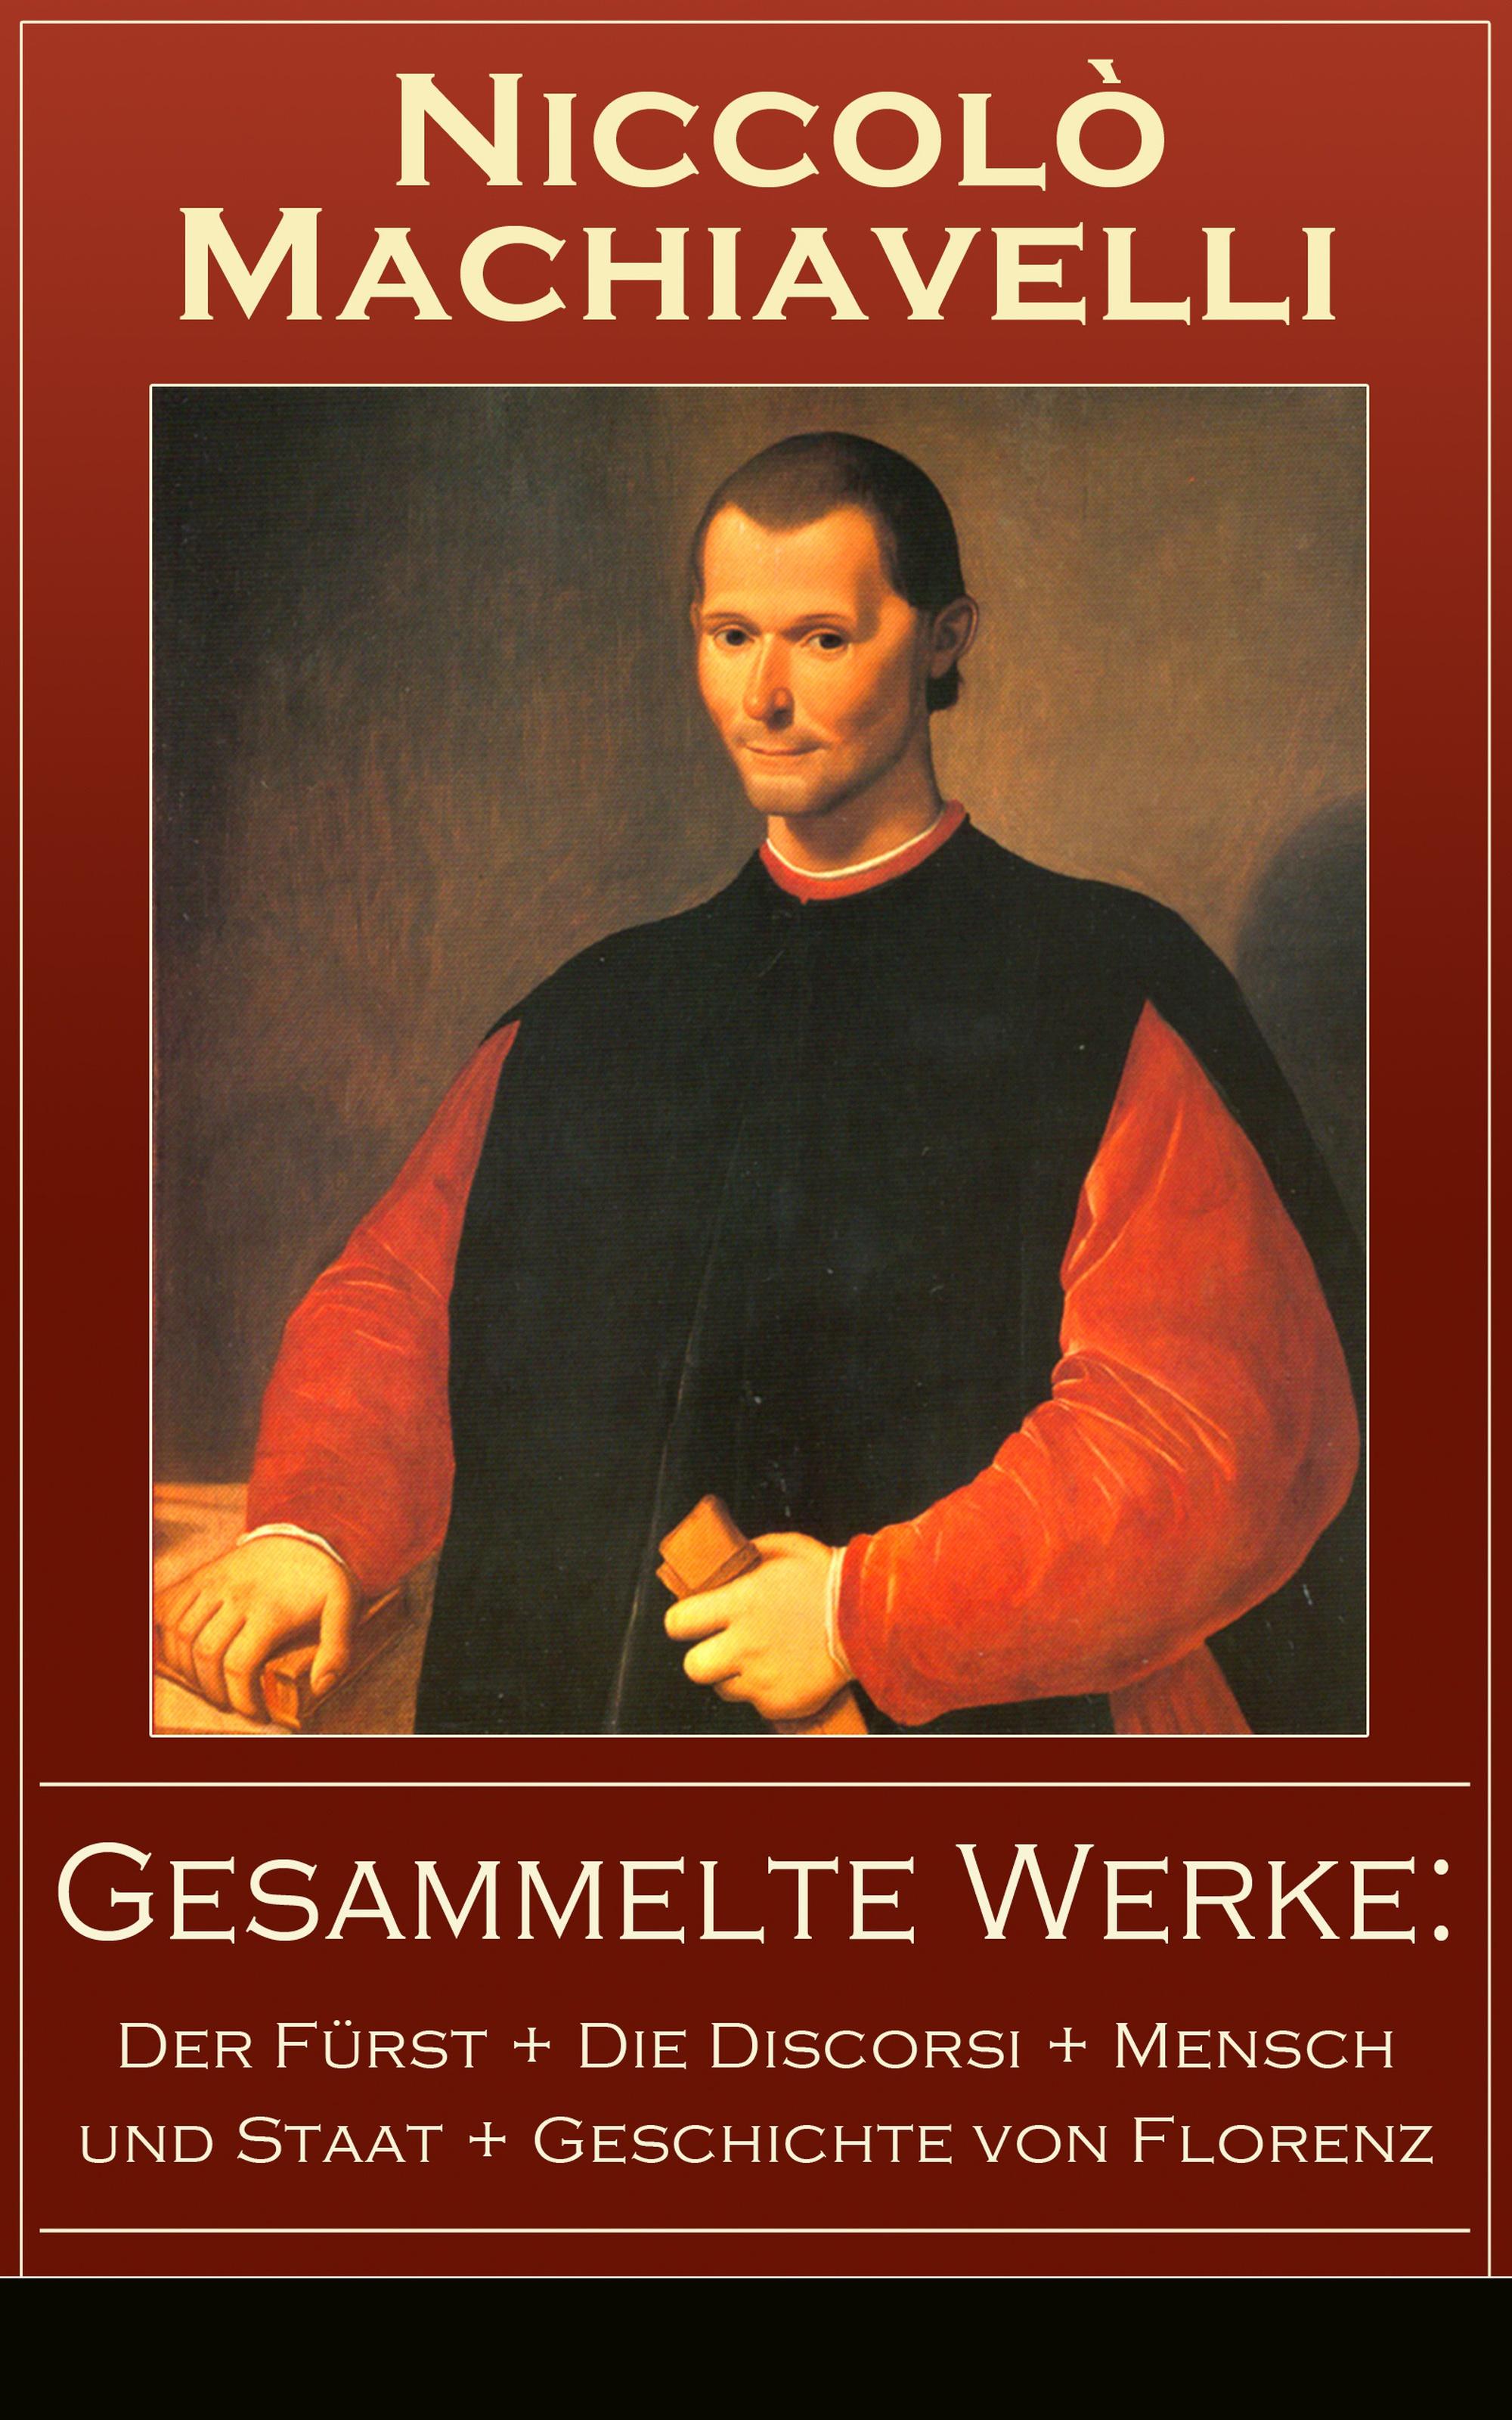 Niccolo Machiavelli Gesammelte Werke: Der Fürst + Die Discorsi + Mensch und Staat + Geschichte von Florenz